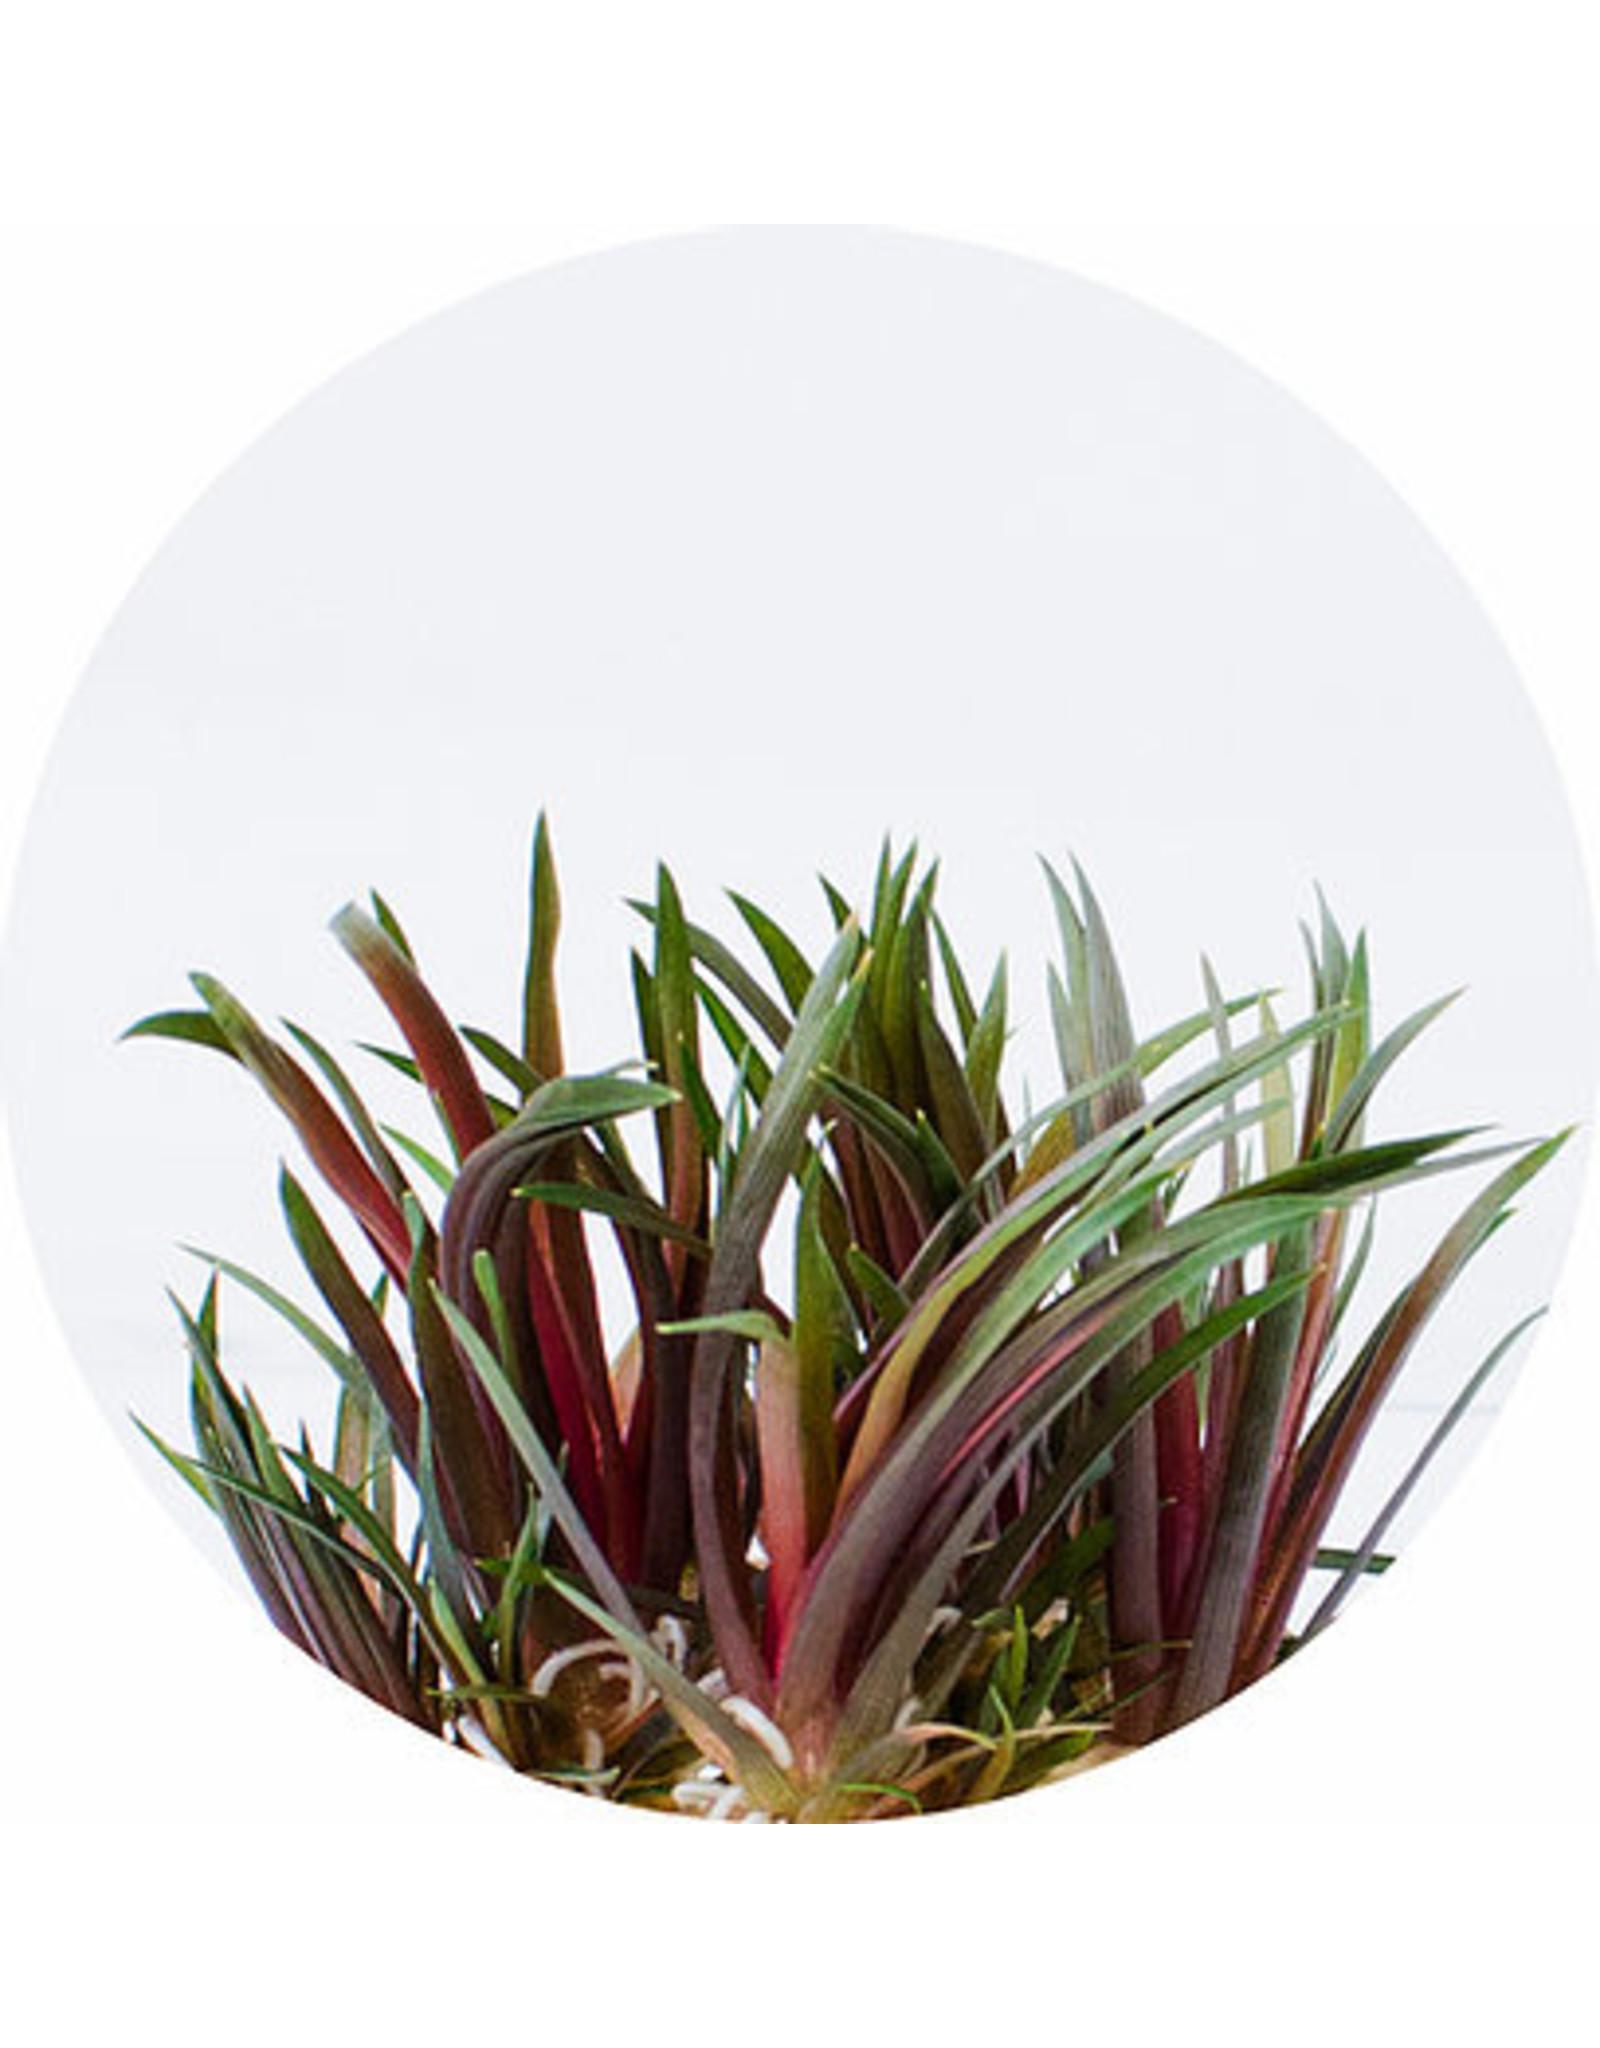 ABC Plants ABC PLANTS - Eriocaulon - King Crimson